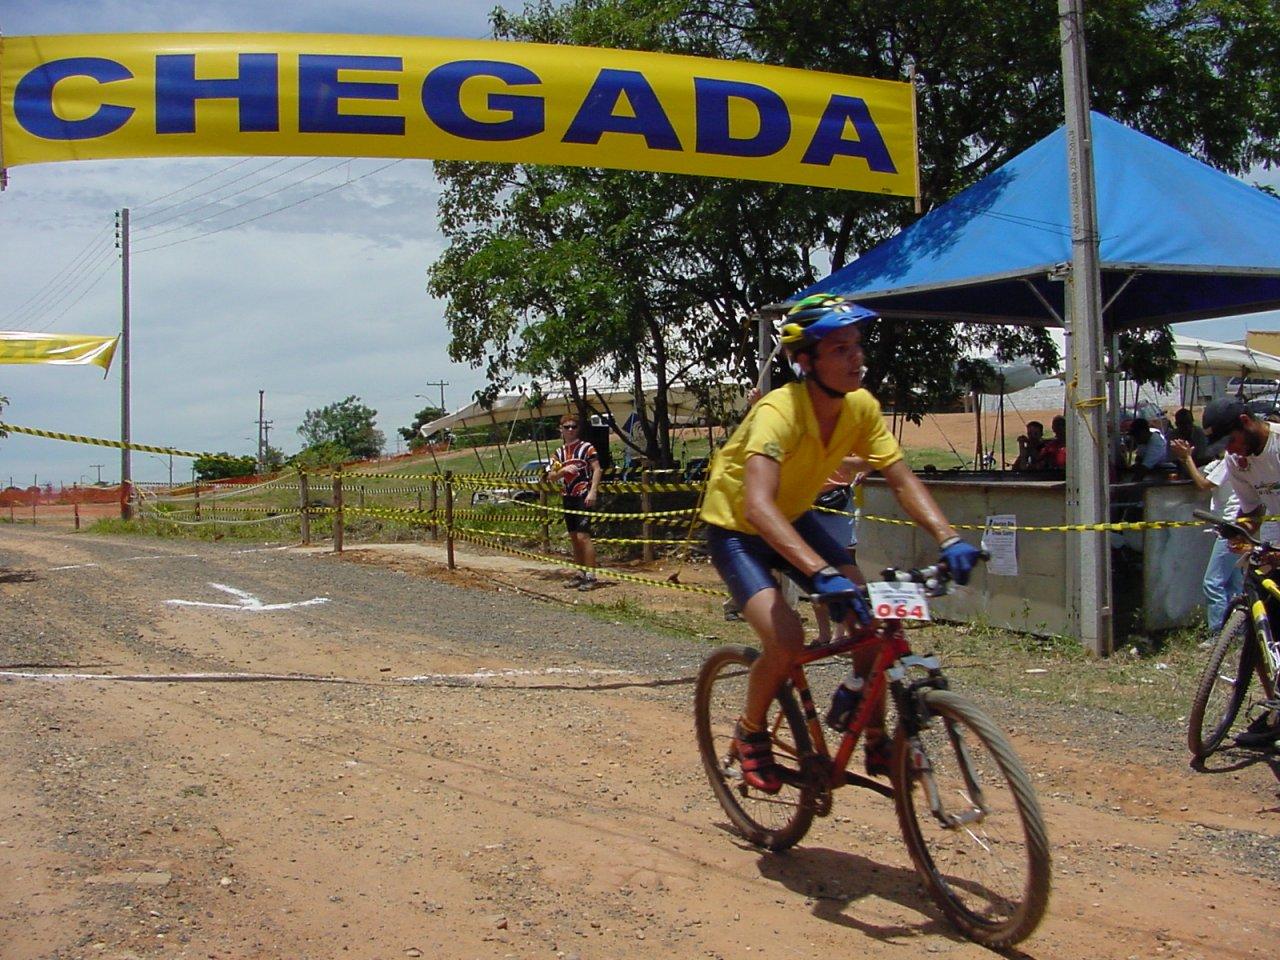 Manoel cruzou a linha de chegada em 1º lugar (Foto Gislaine Mathias)